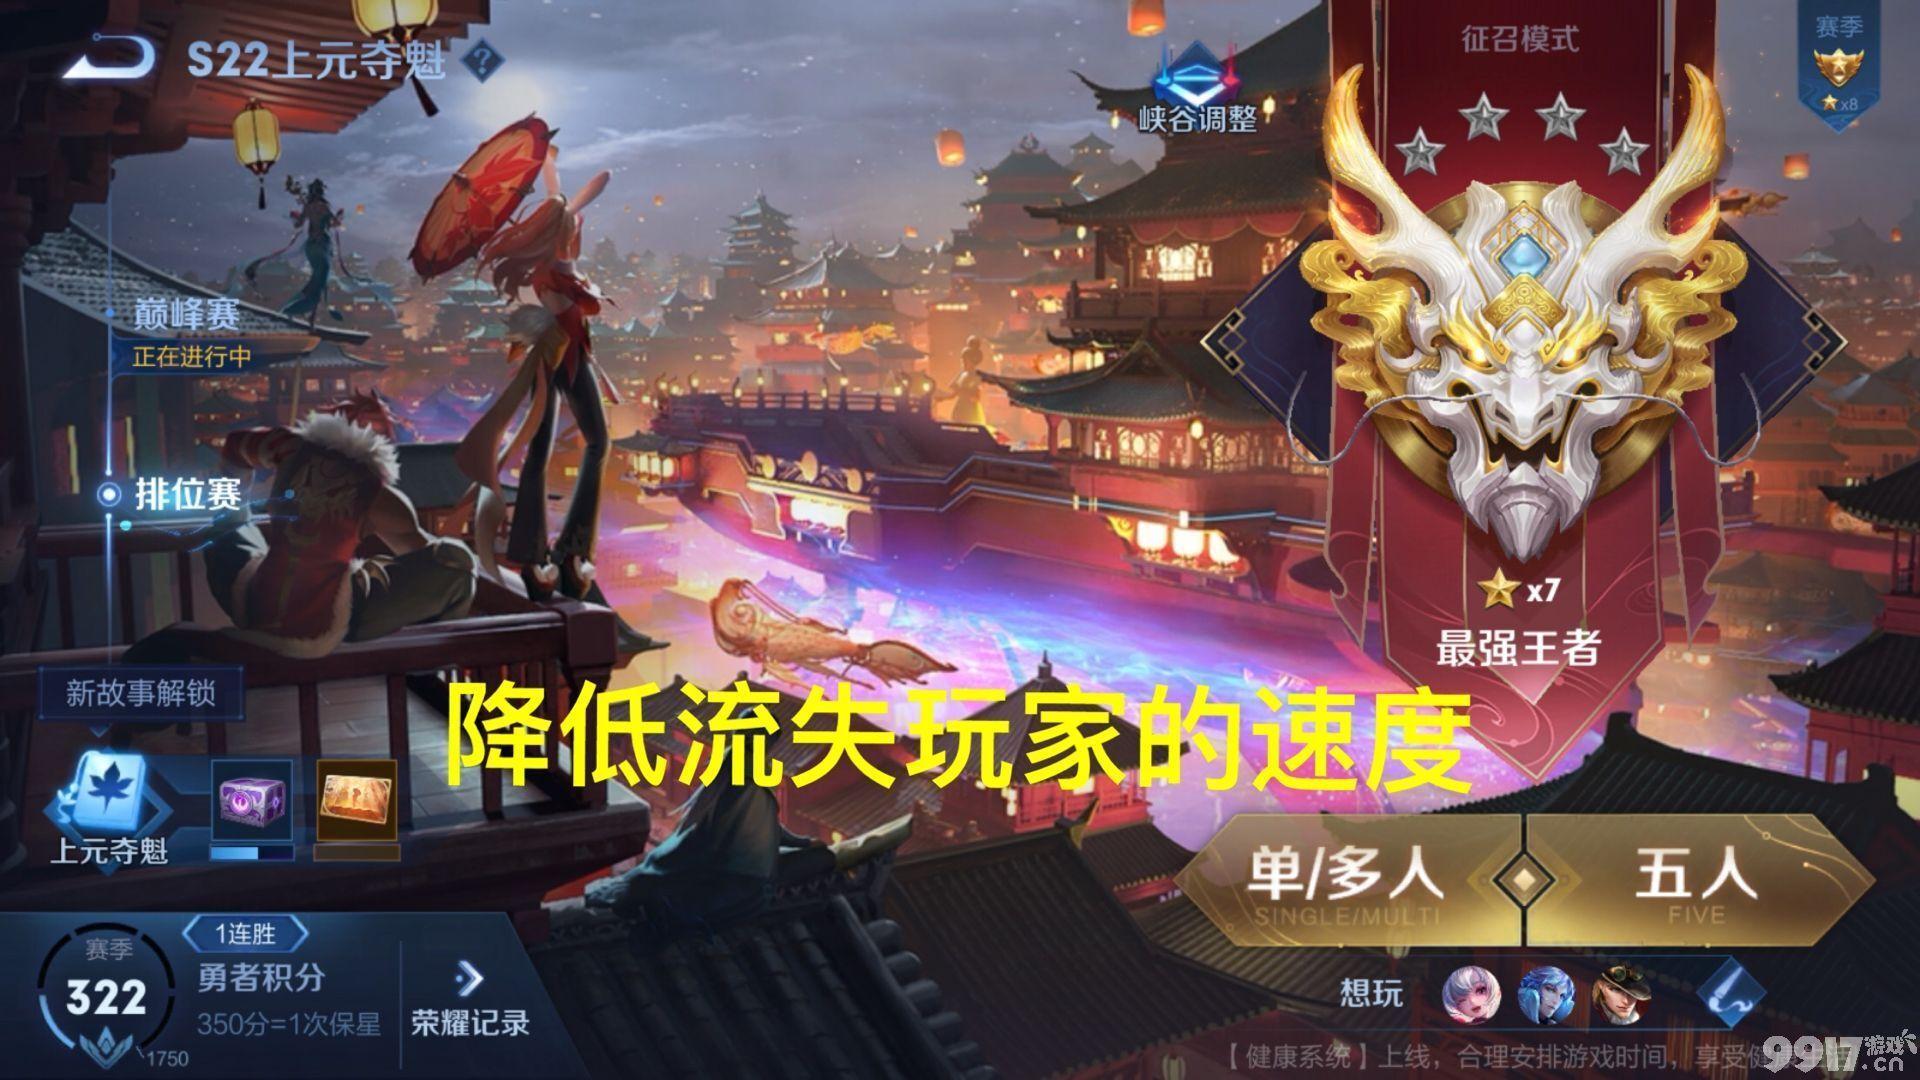 王者荣耀为什么要给连败的玩家们赠送安抚礼包?玩家表态拒收!